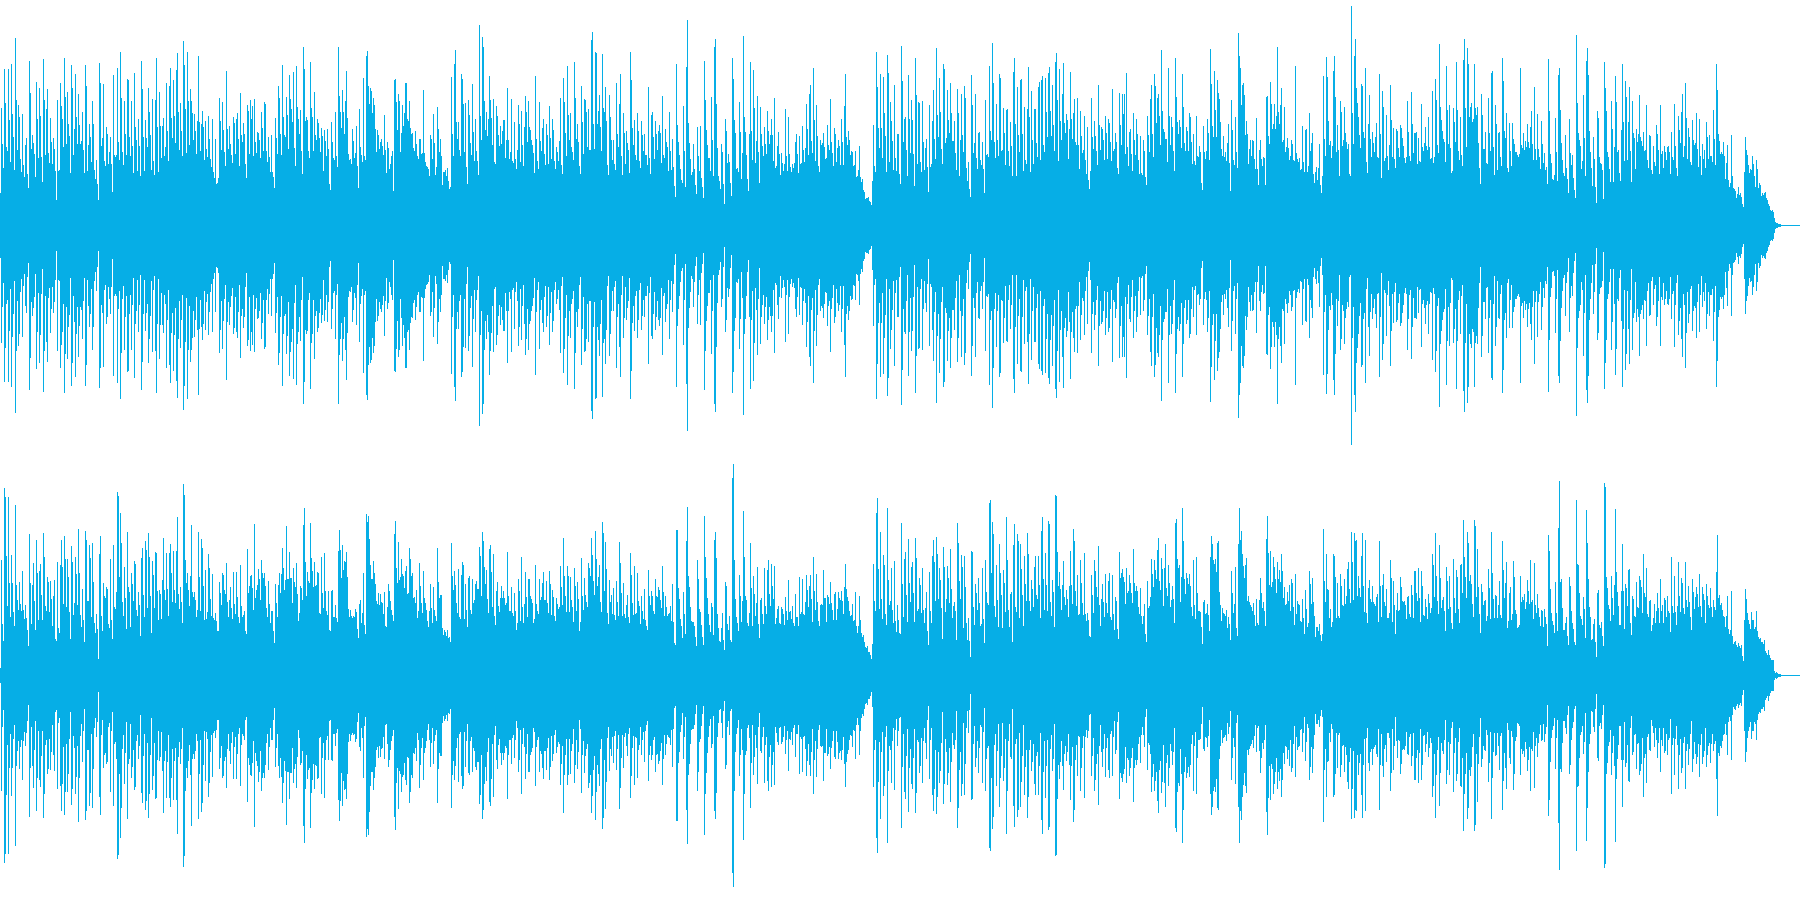 ゆったりしたピアノバラードの再生済みの波形